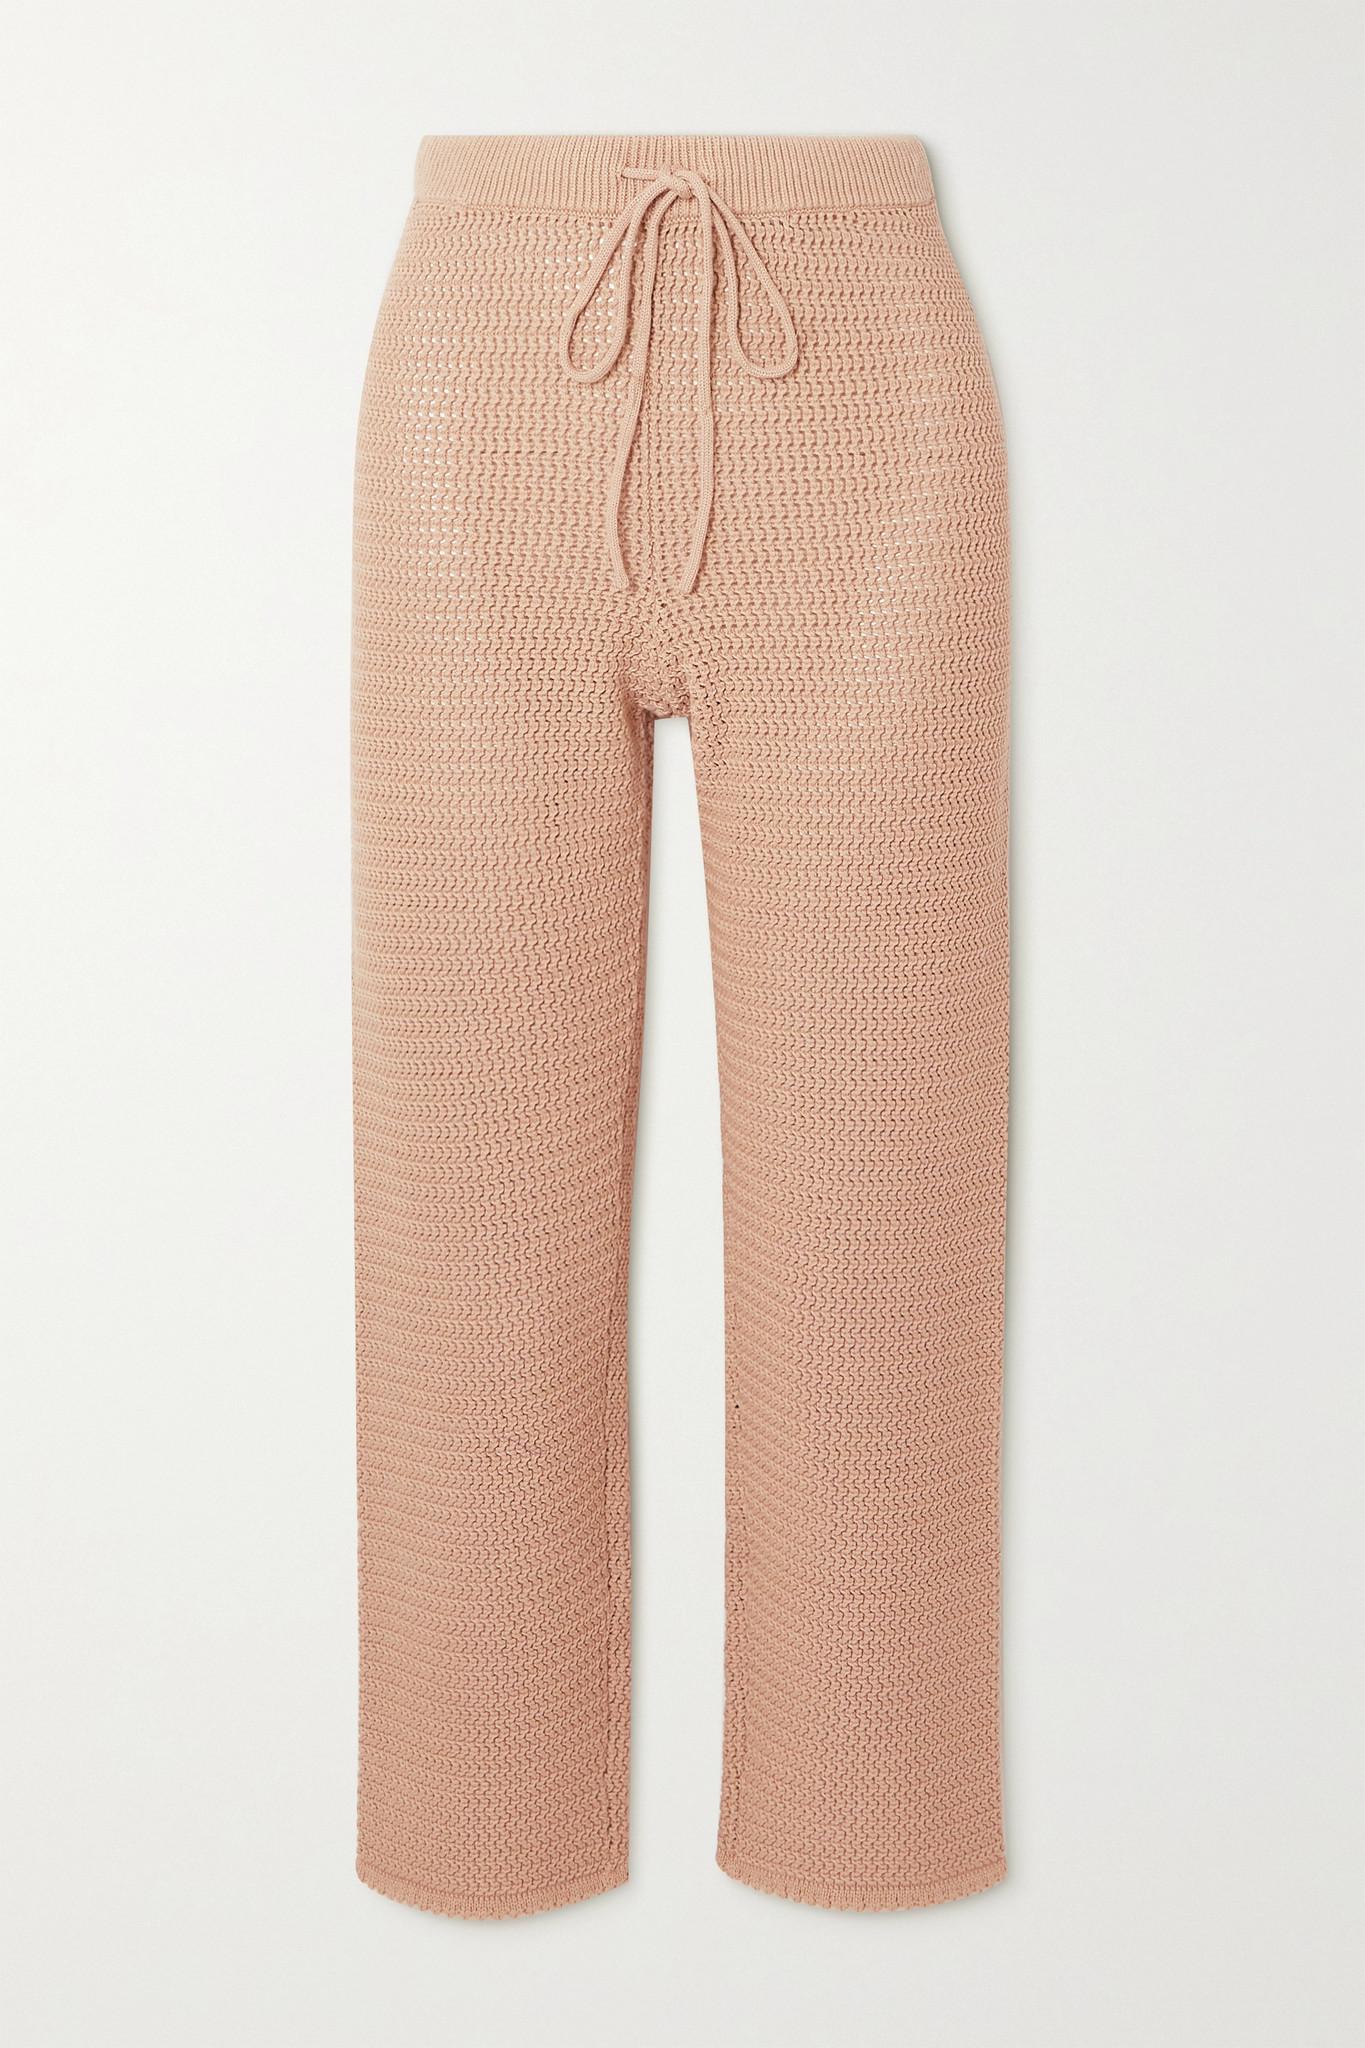 REFORMATION - Rosso 镂空针织有机纯棉窄腿裤 - 棕色 - large